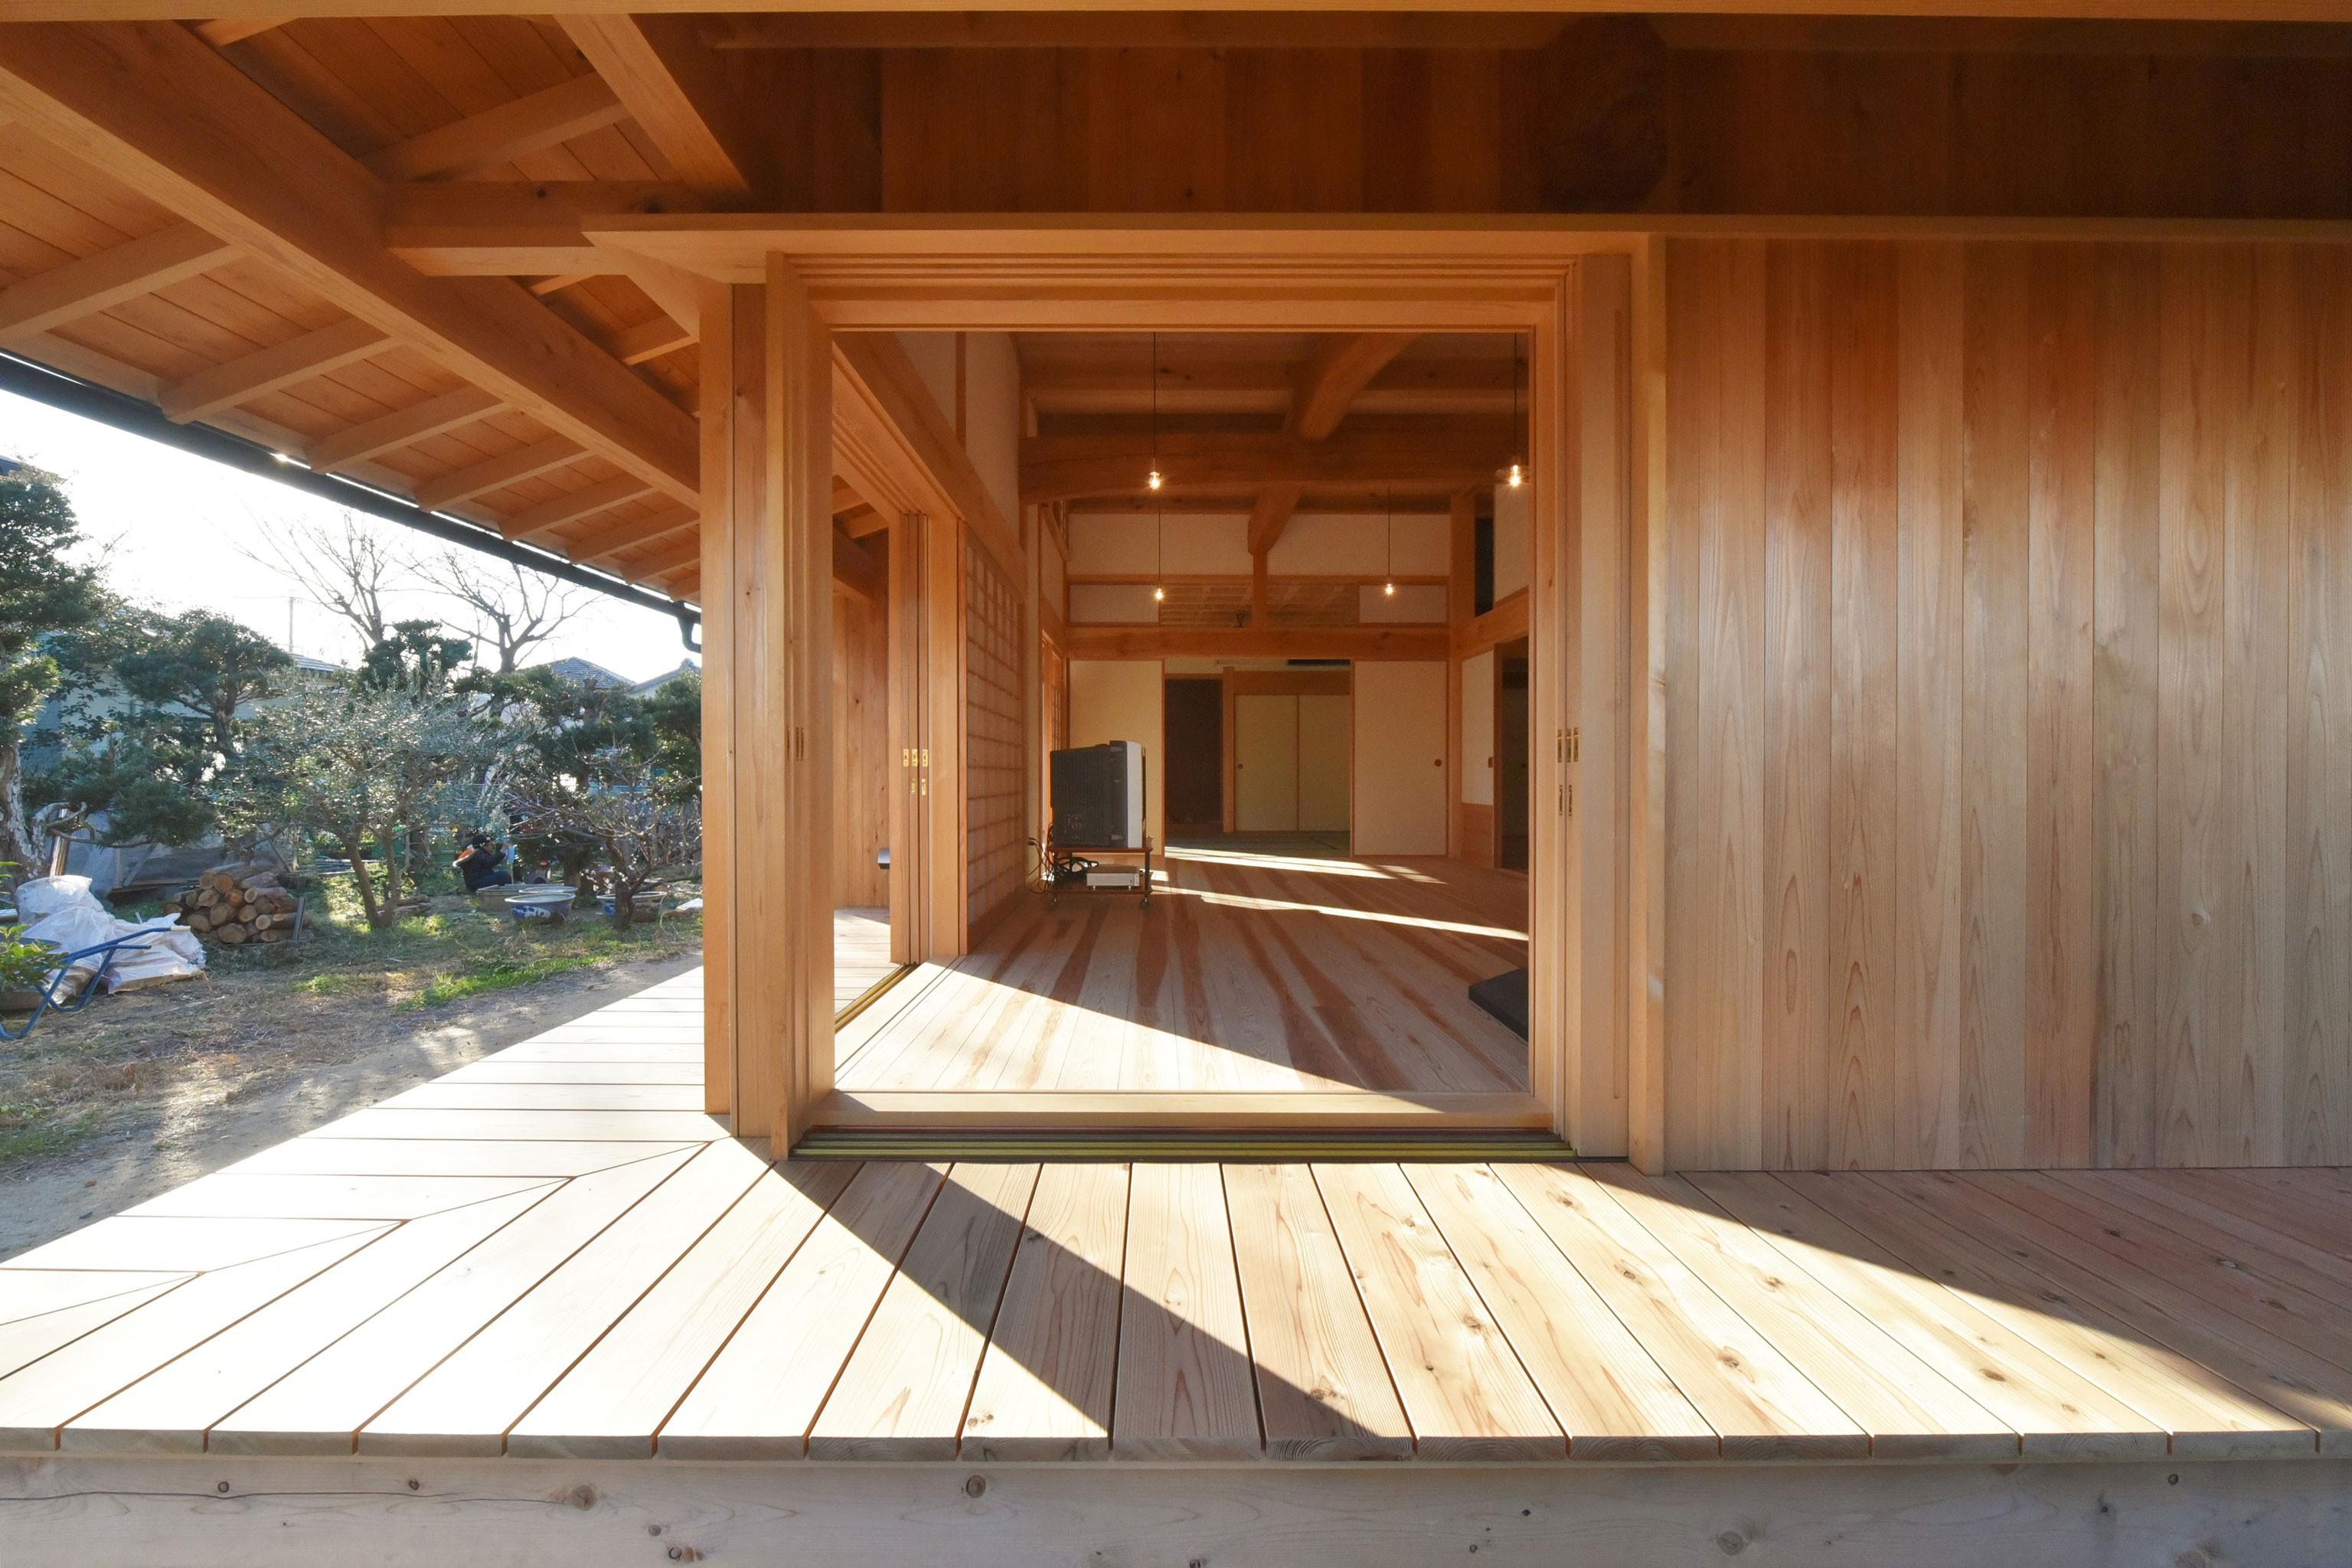 アウトドア事例:木製建具と濡縁(静岡の石場建て)